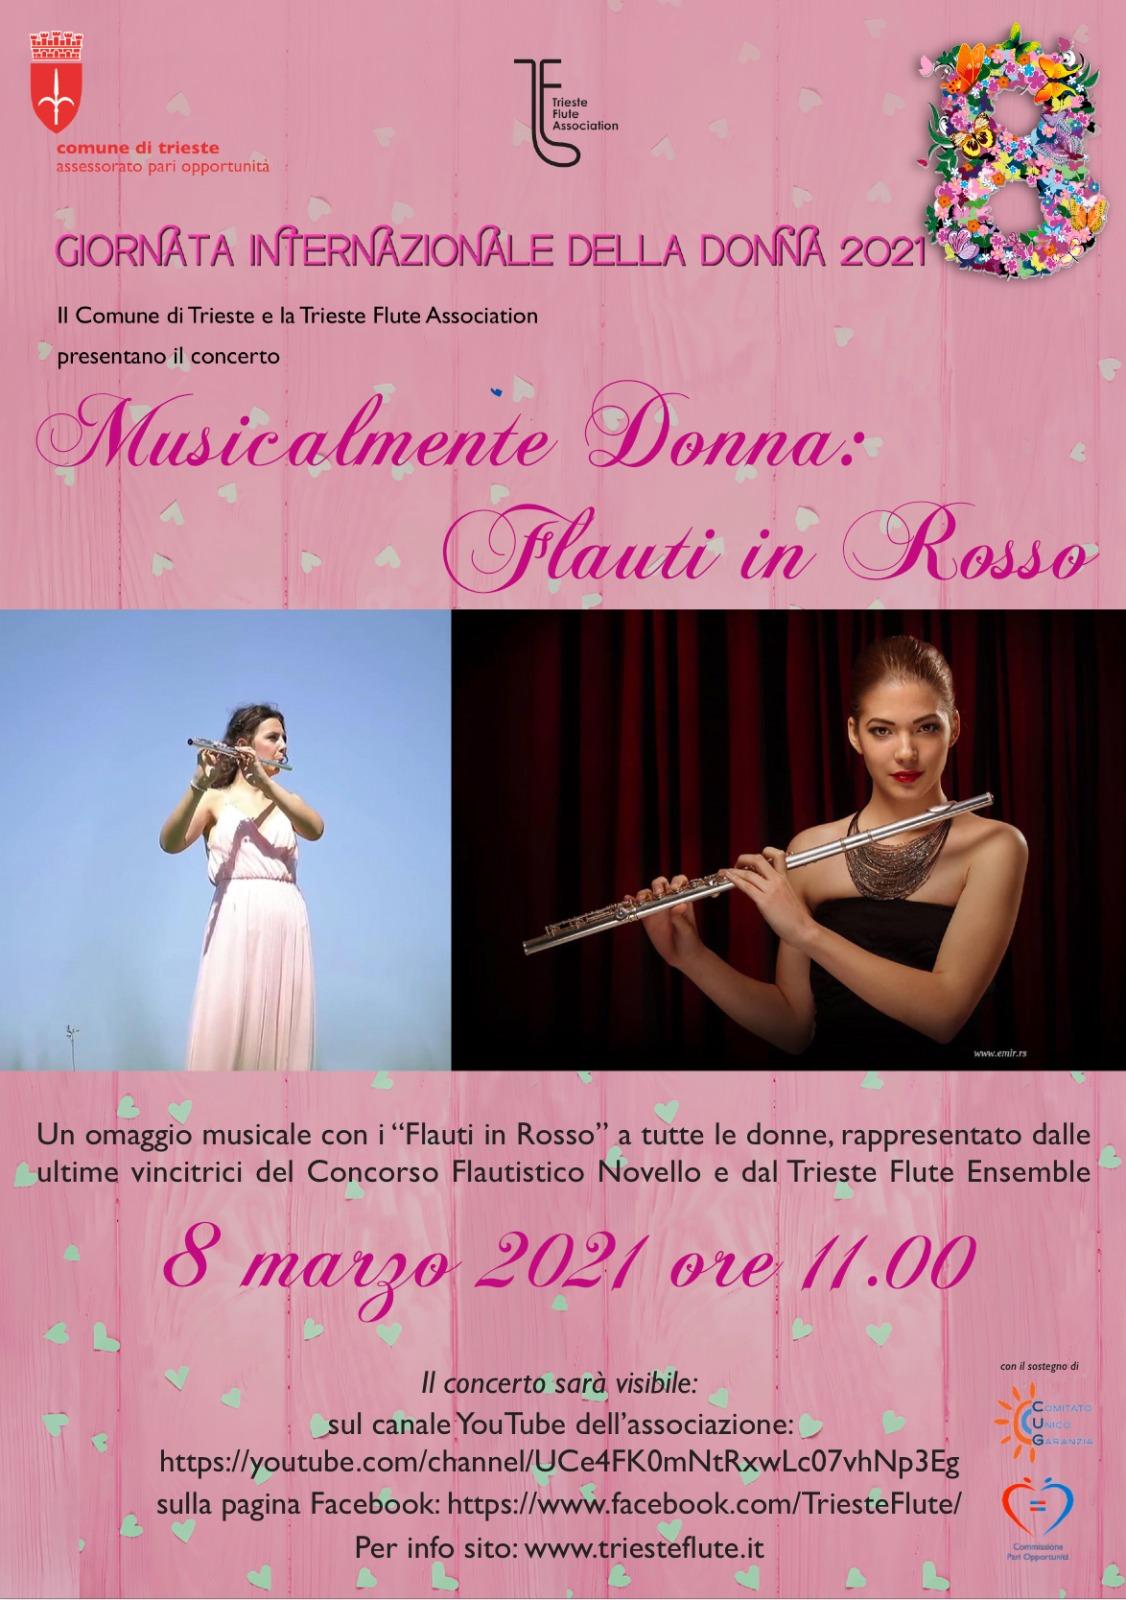 Flauti in Rosso 8 marzo 2021